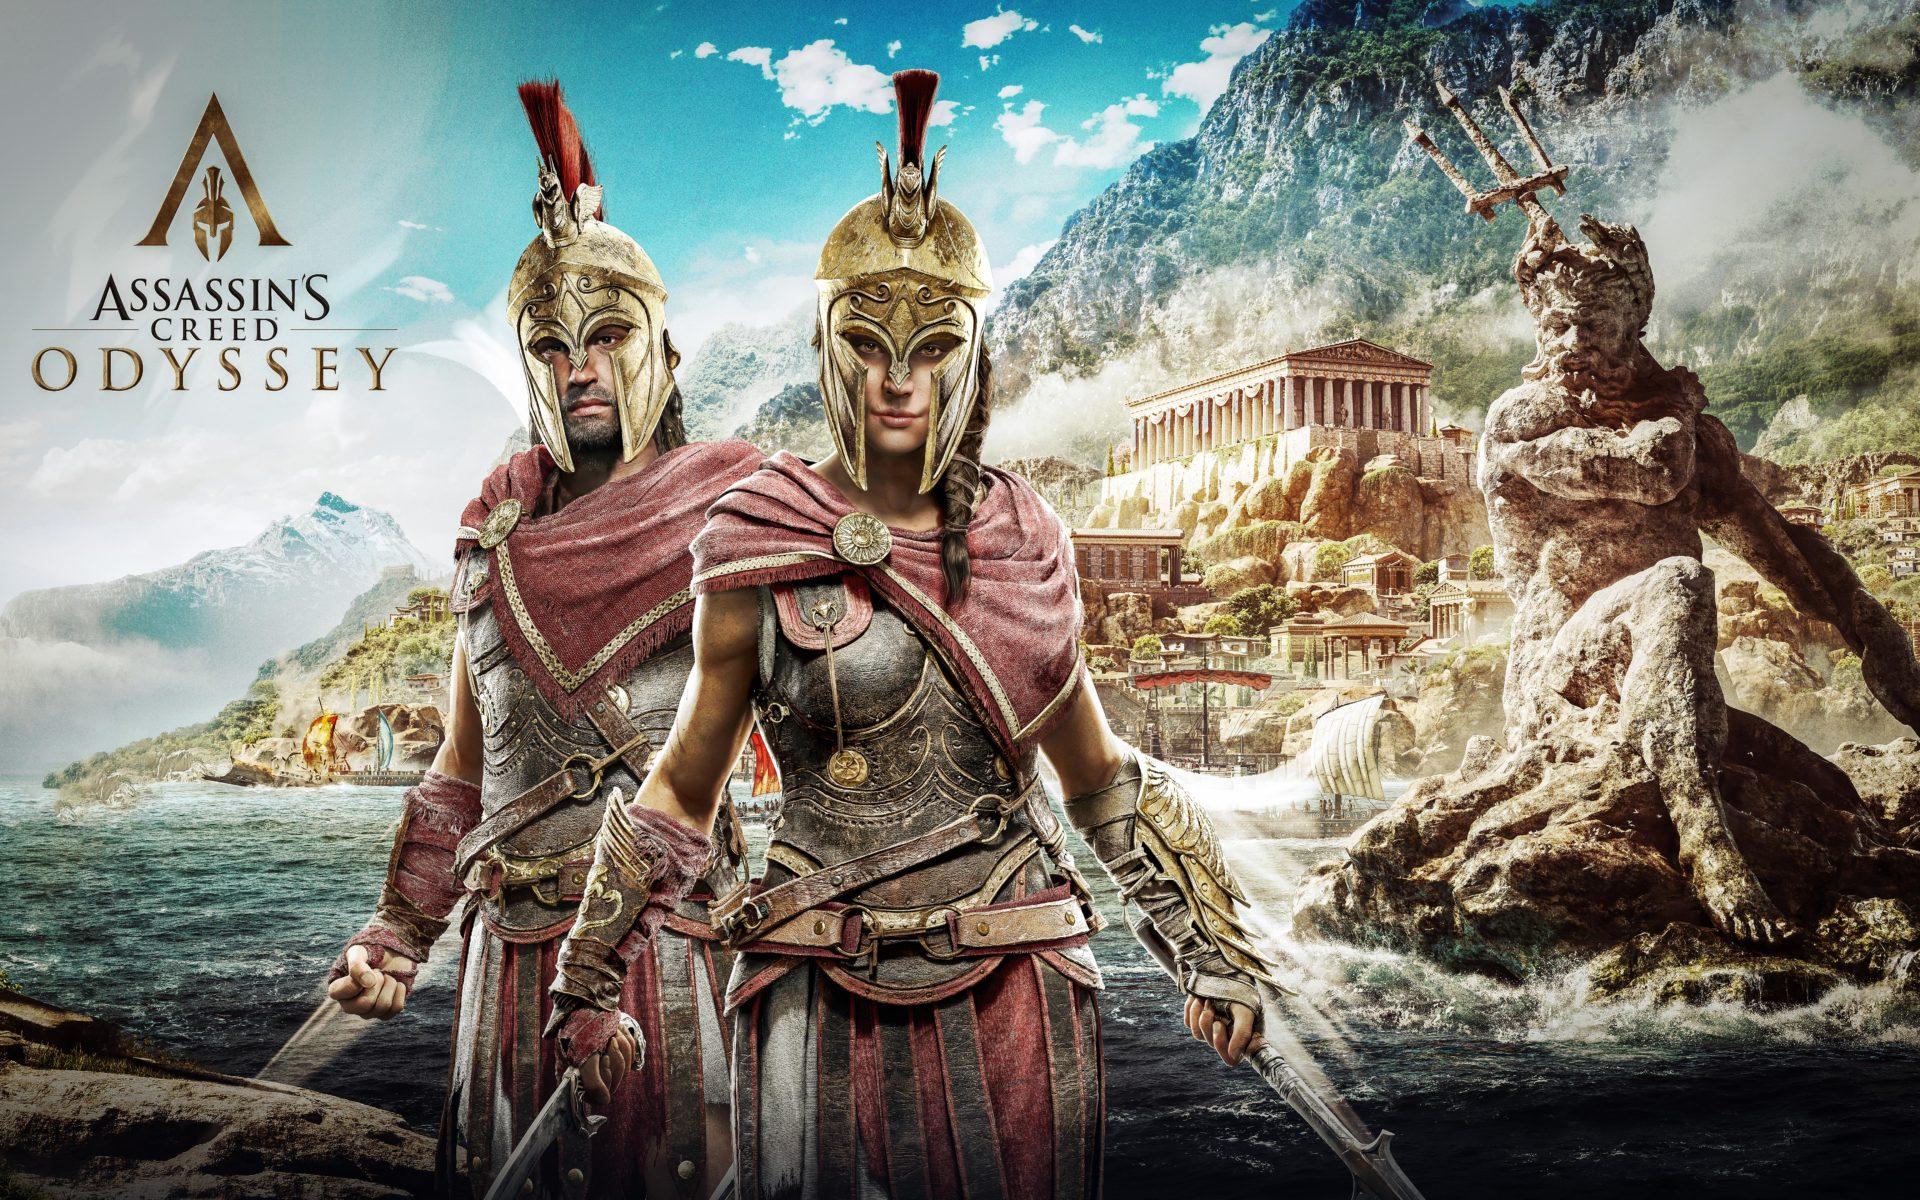 [Post Oficial #2] Juegos que estamos jugando/nos vamos pasando  - Página 42 Assassin-Creed-Odyssey-8K-Desktop-Background-1920x1200